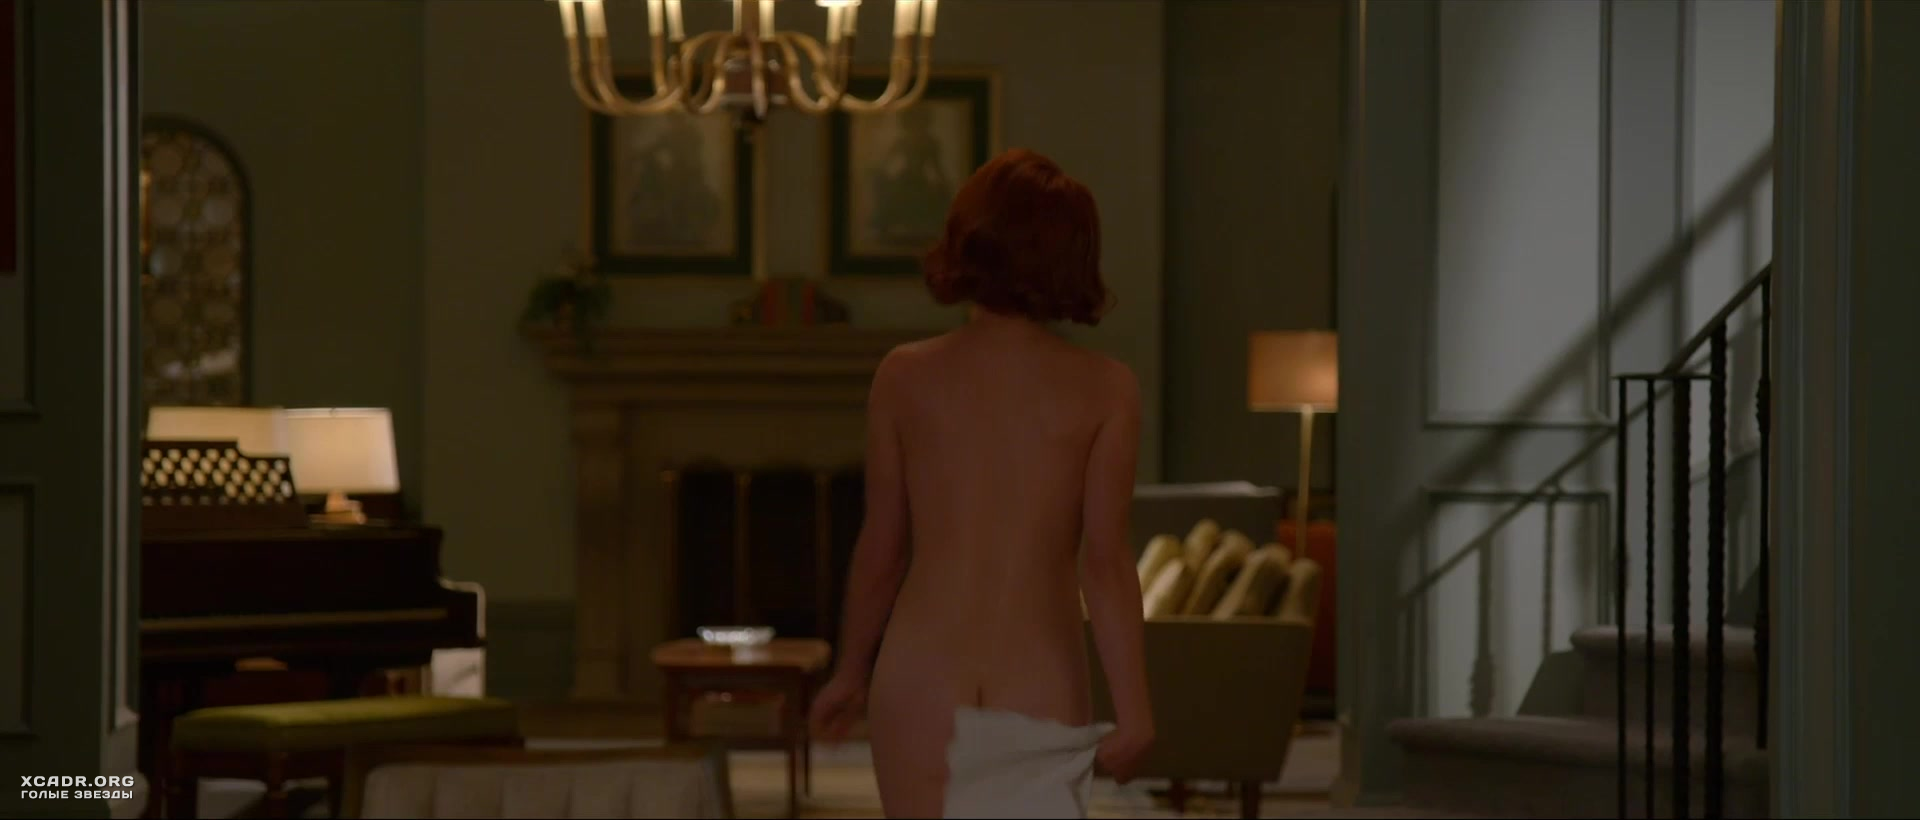 Ginnifer goodwin celebs nude